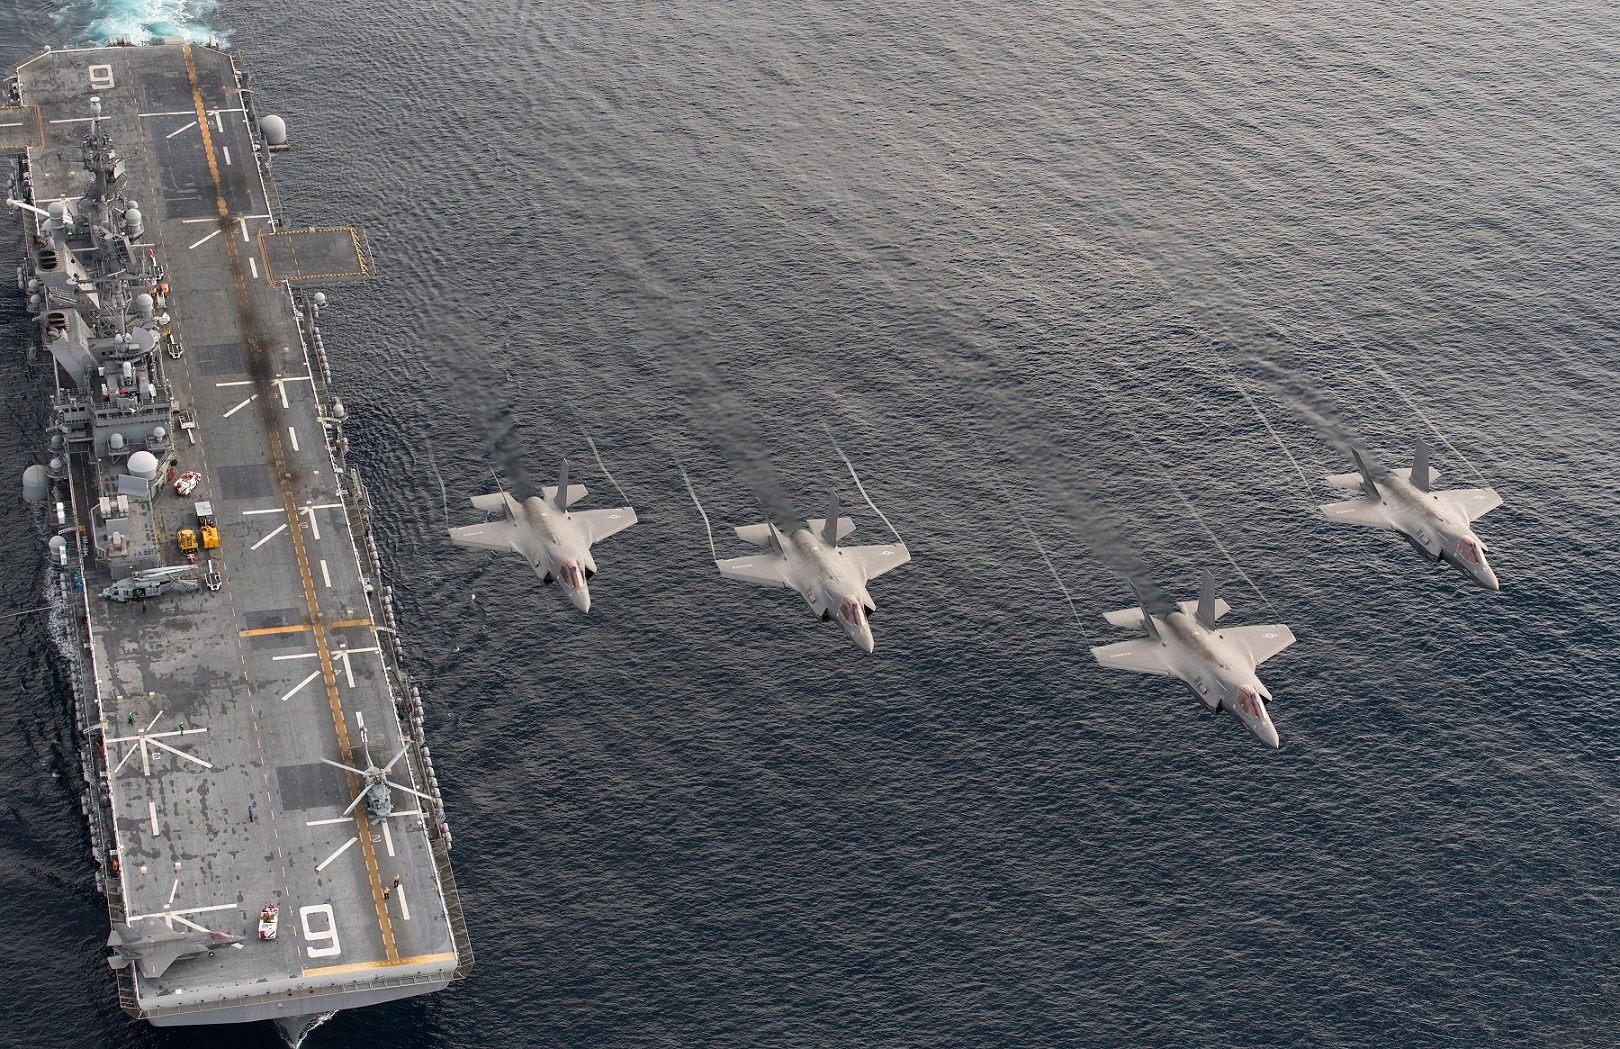 Четыре стелс-истребителя F-35B Lightning II над десантным кораблем USS America (LHA 6).